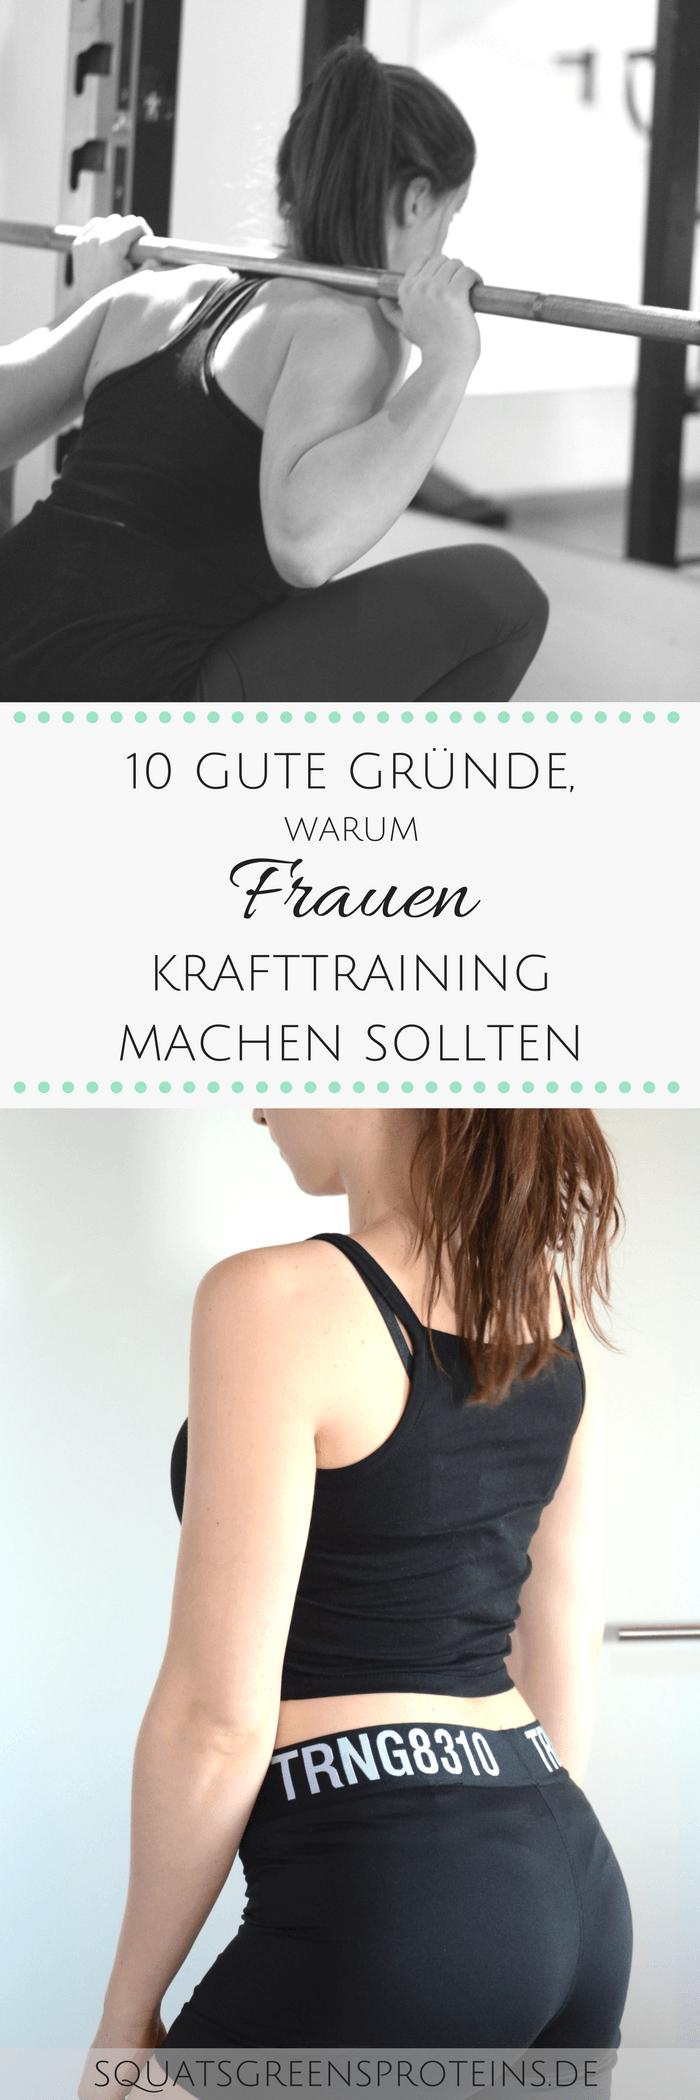 10 gute Gründe, warum Frauen trainieren sollten - Squats, Greens & Proteins by Melanie -  10 gute